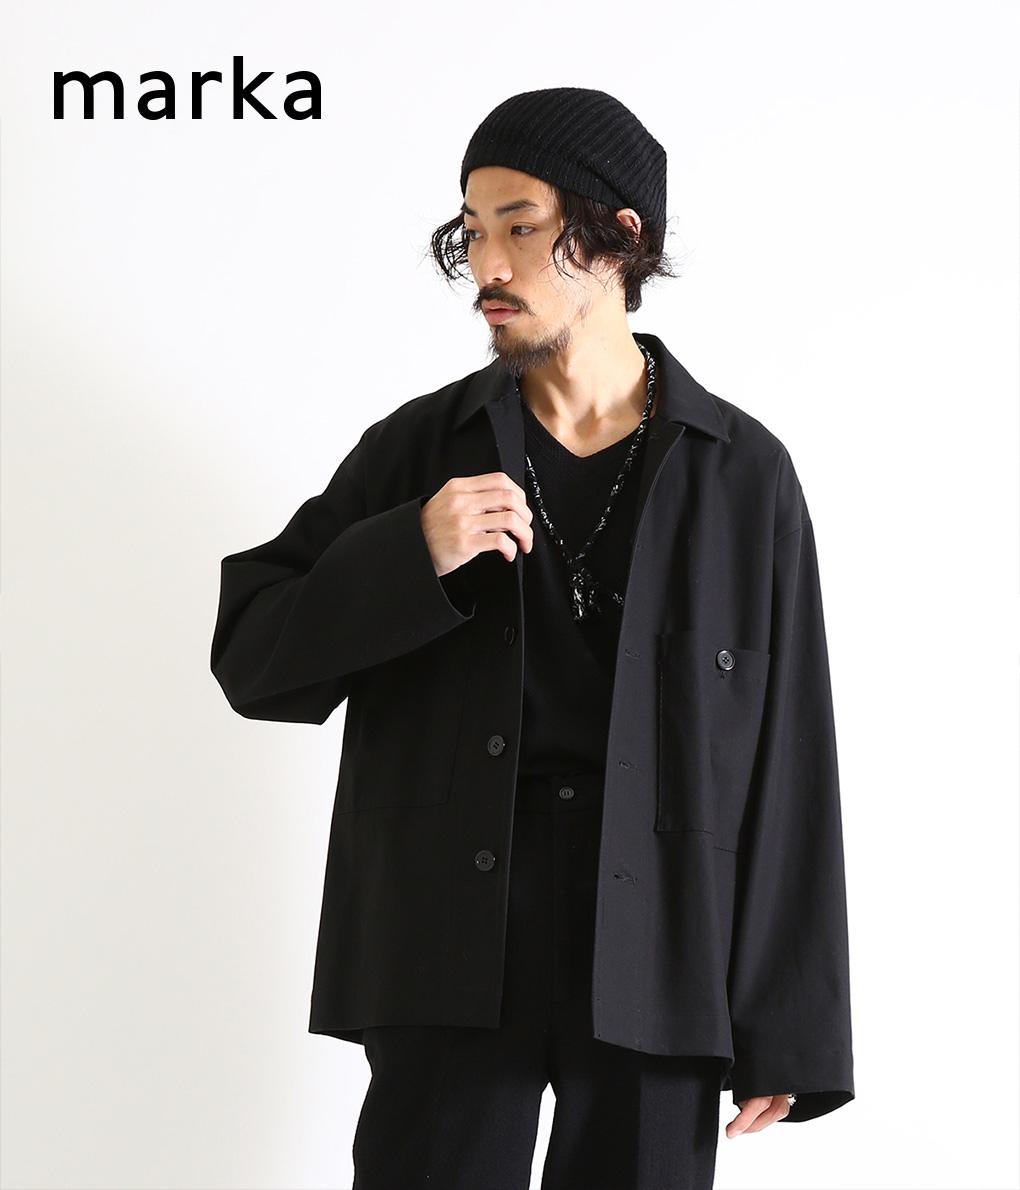 marka / マーカ : UTILITY SHIRTS -co twill - : マーカ シャツジャケット 長袖シャツ ジャケット ユーティリティシャツ コットンシャツ メンズ : M19C-19SH01C【COR】【WIS】